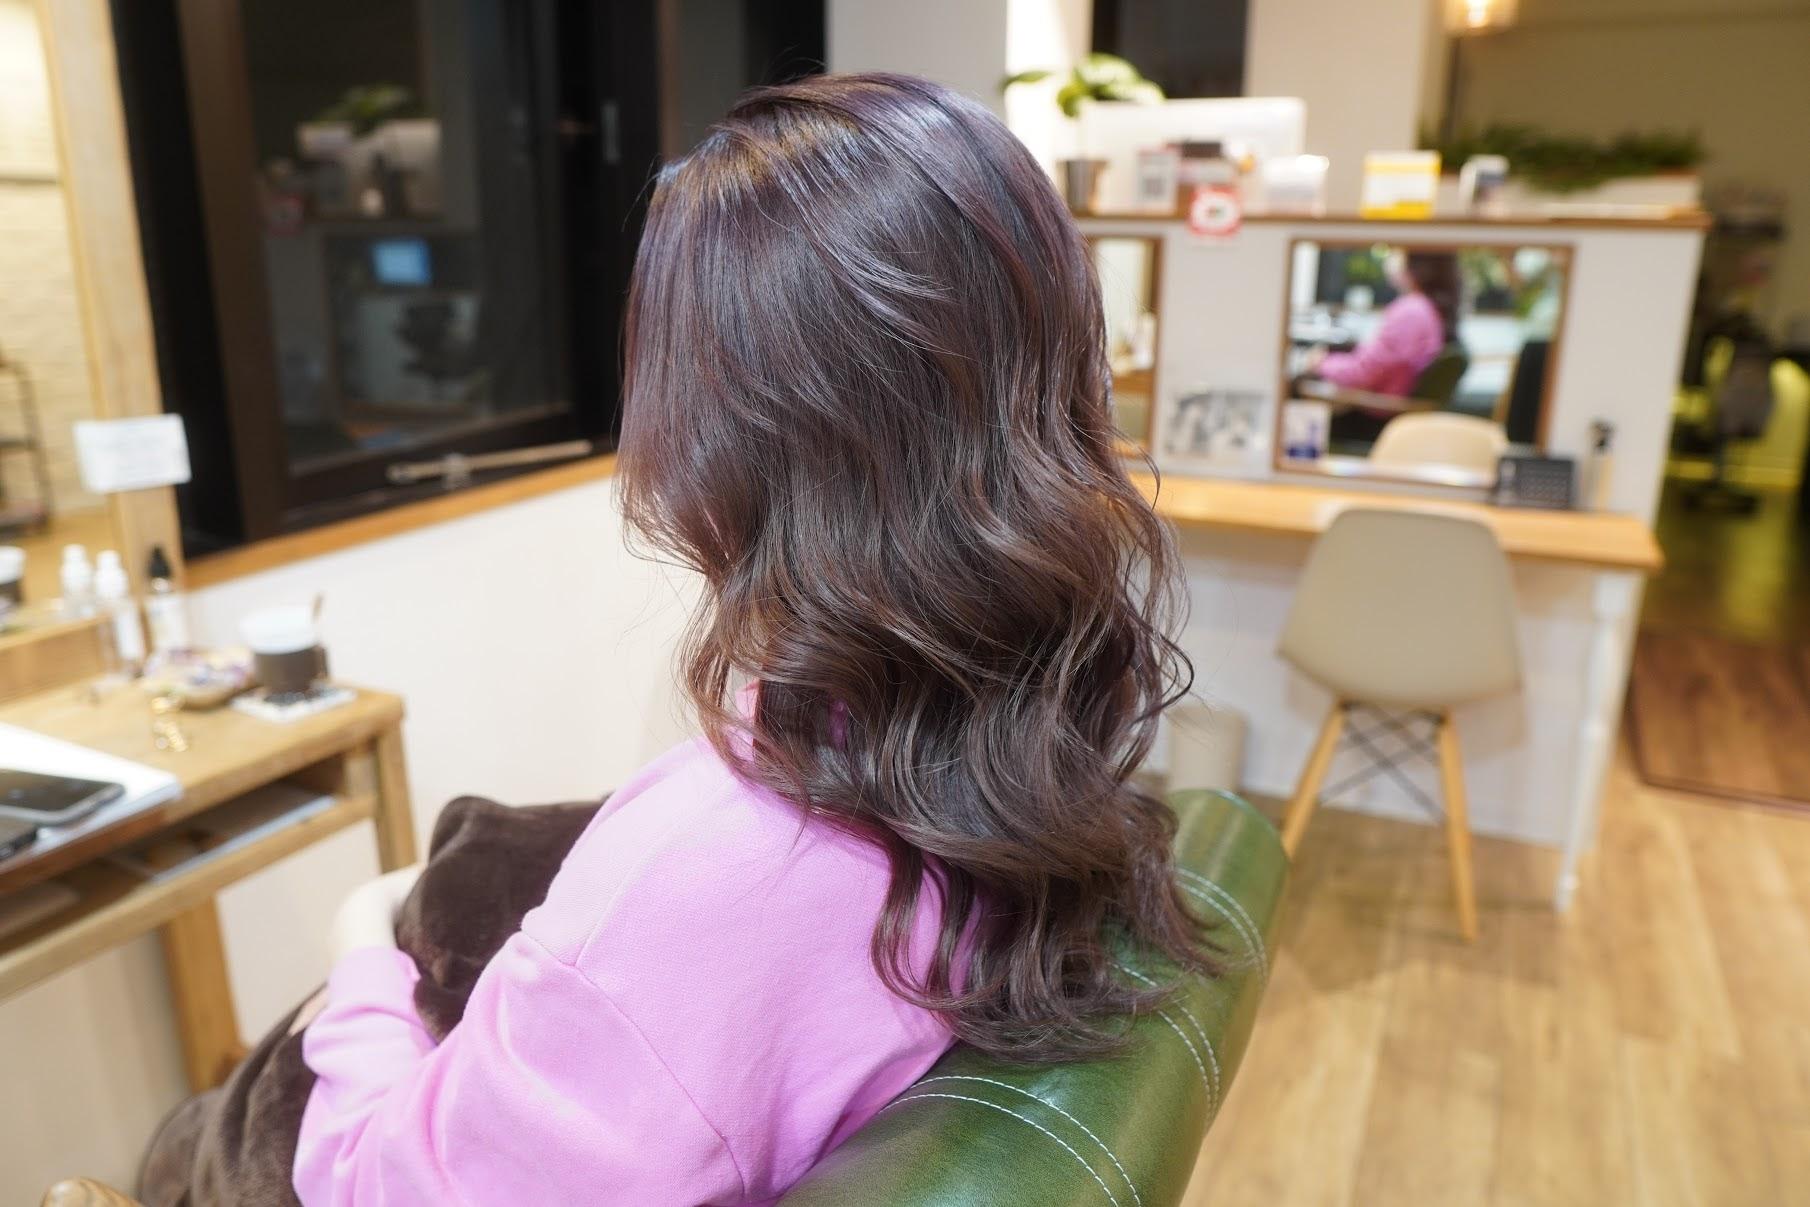 スモーキーピンク ピンクベージュ ピンク ブリーチ2回 神戸美容室 三宮美容室 オラプレックス ミルボン アディクシーカラー